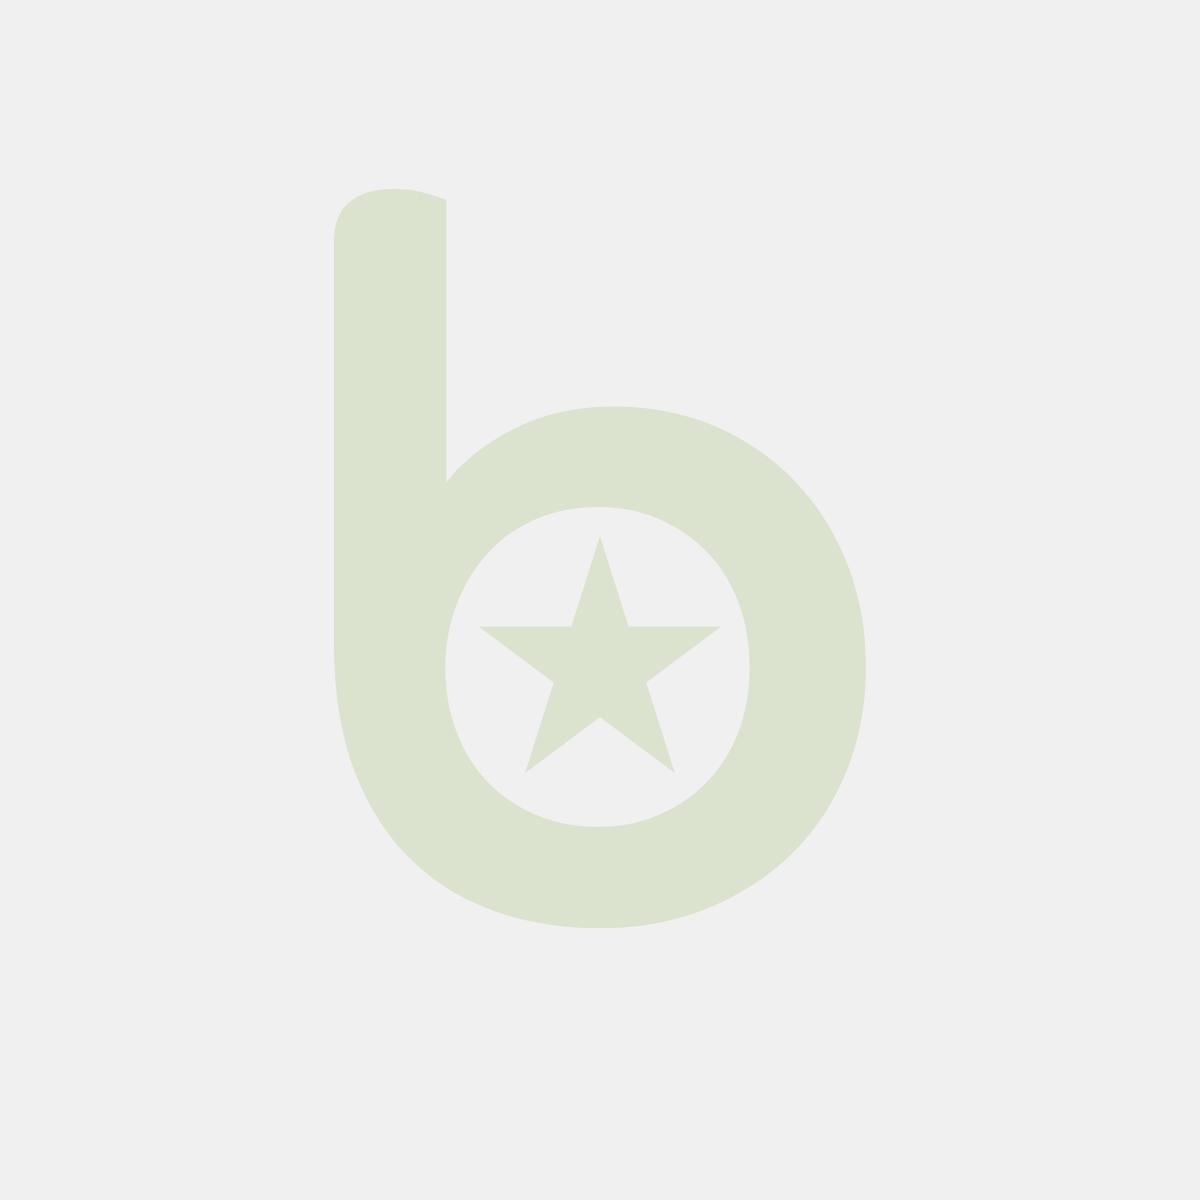 FINGERFOOD - kubek DIAMANTE 60ml transparentny 5,1x5,1xh.4,9cm op. 50 sztuk